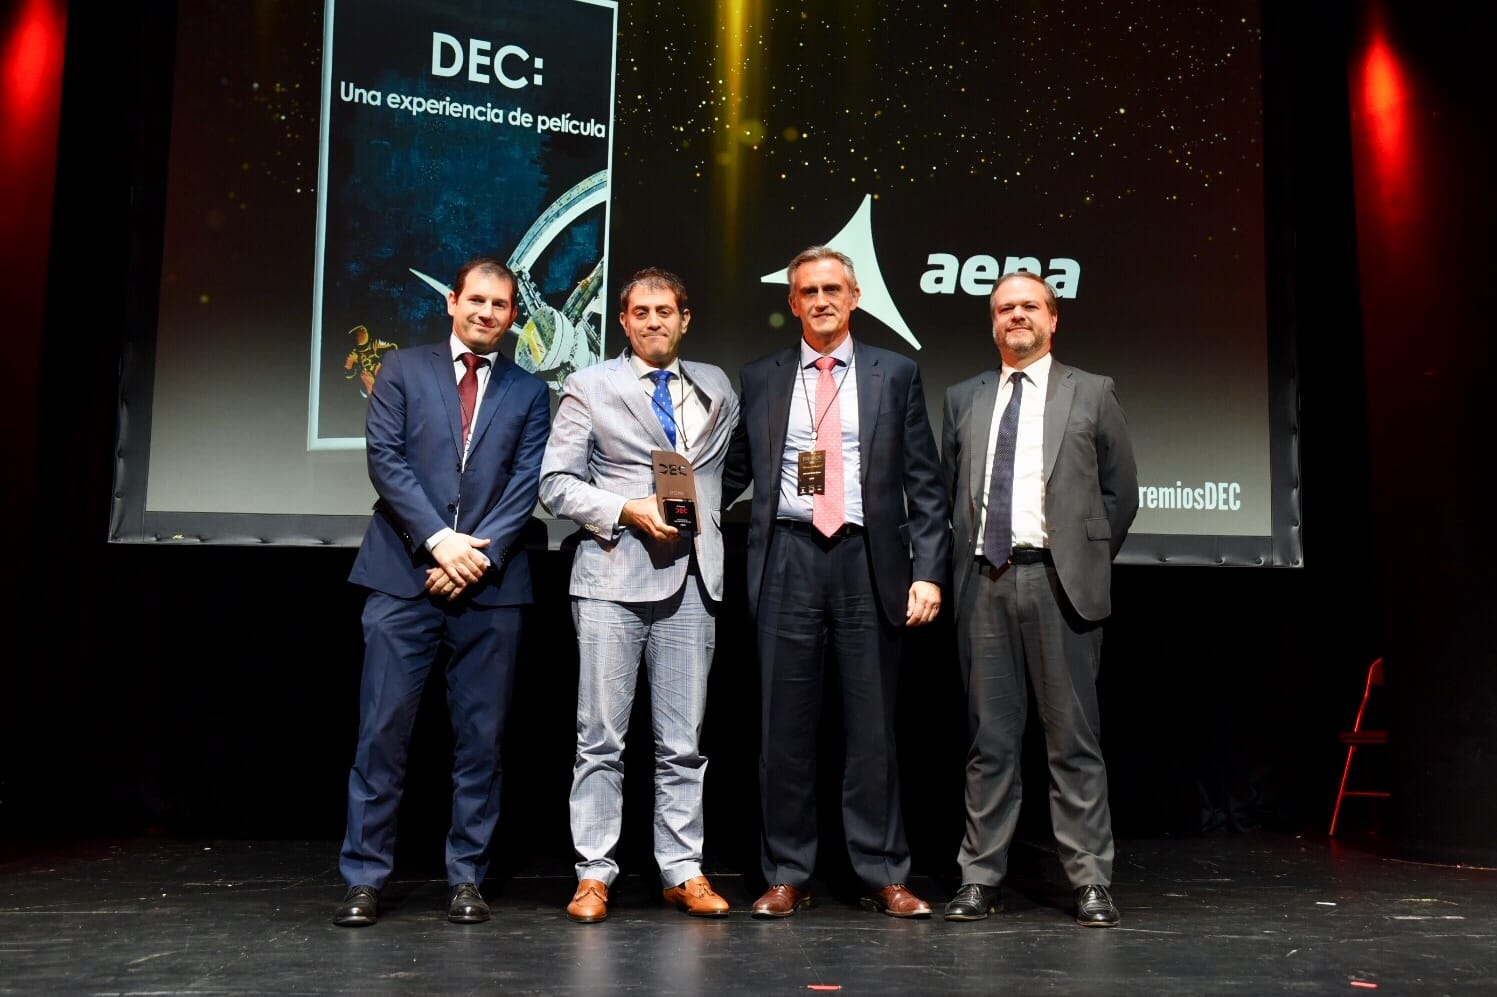 Aena, premio 'Mejor proyecto de Innovación' por la implantación del reconocimiento facial